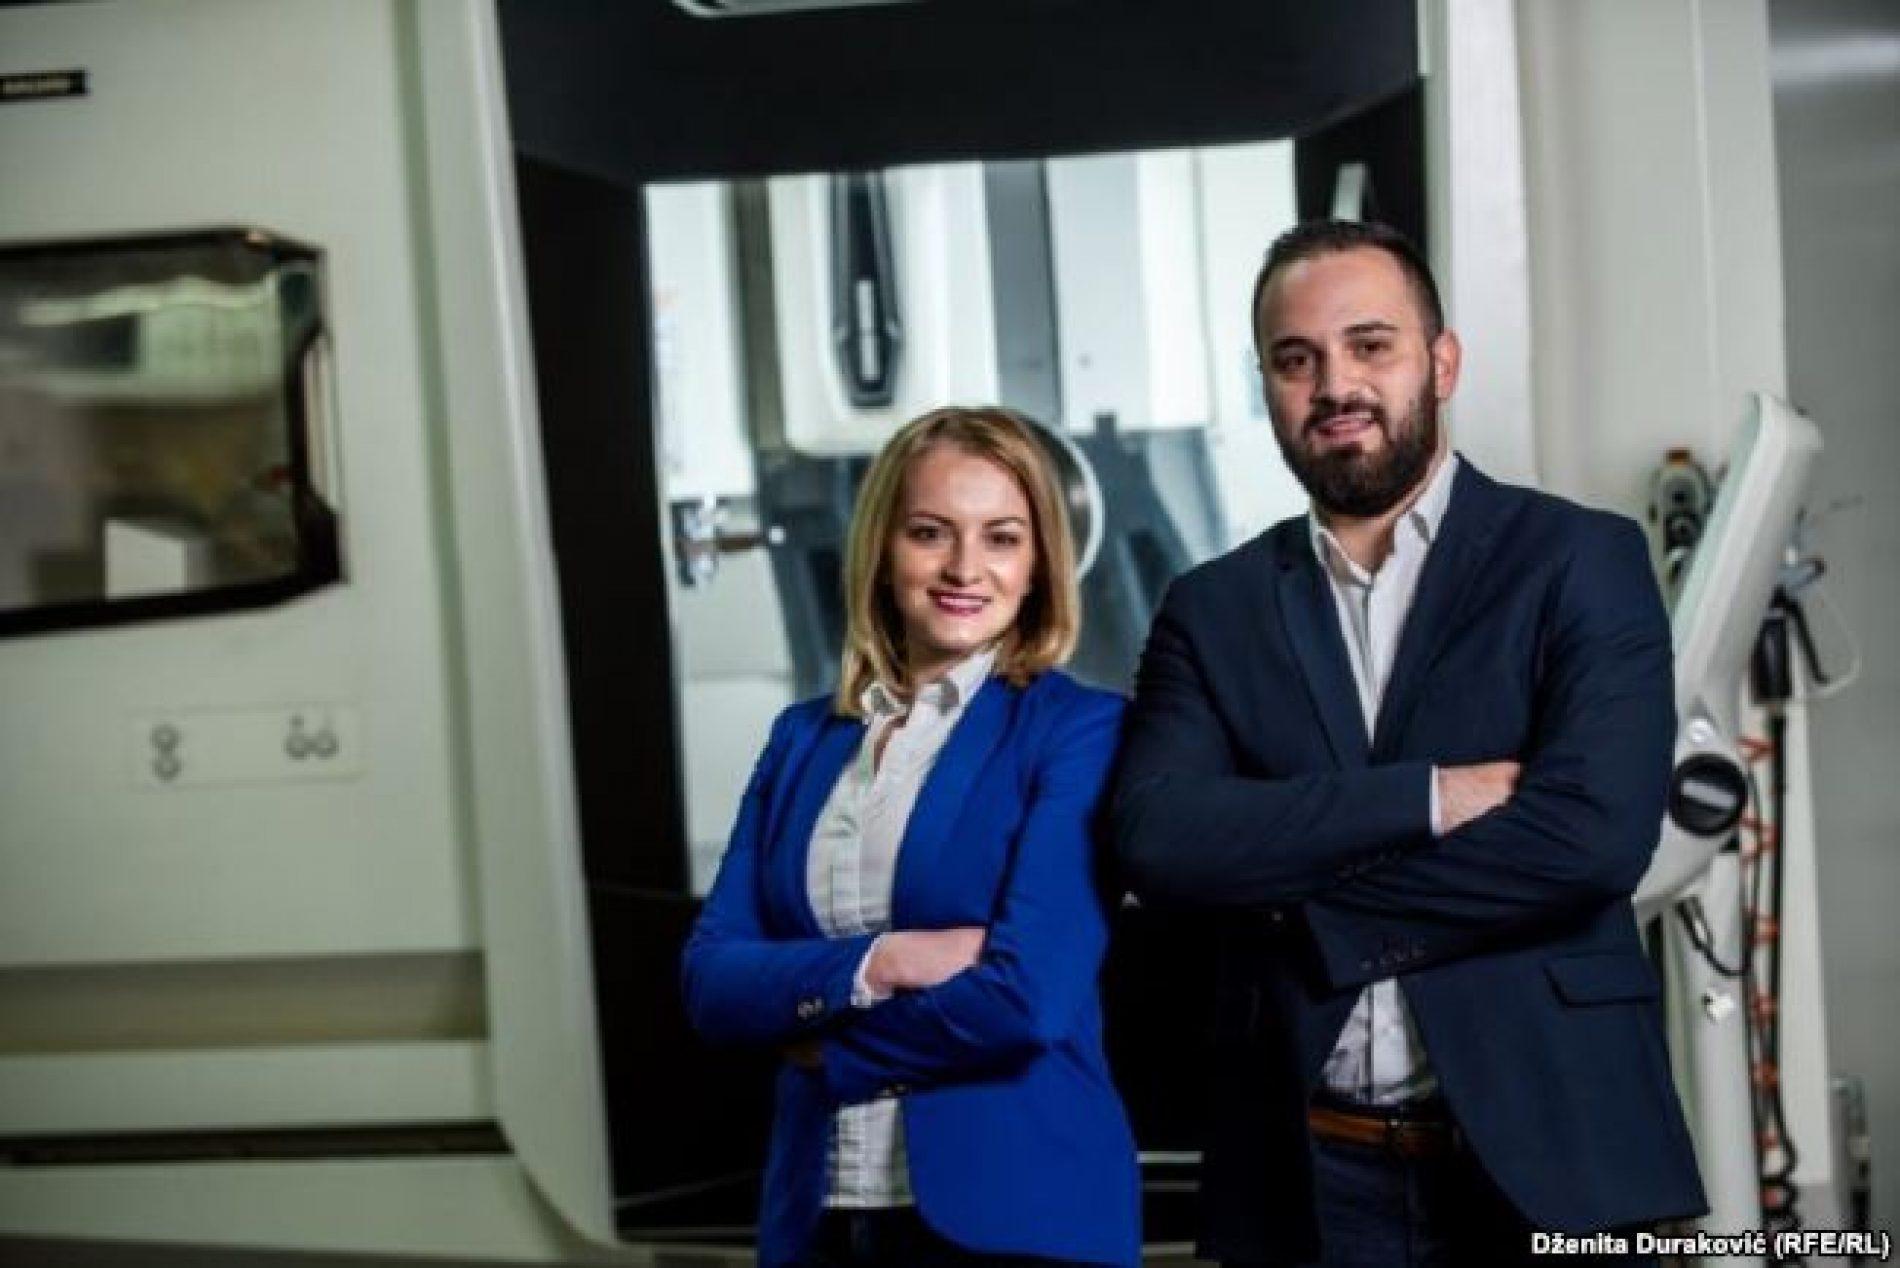 Porodica Bajrić prije nekoliko godina se vratila iz Njemačke u rodni Bihać i otvorila firmu